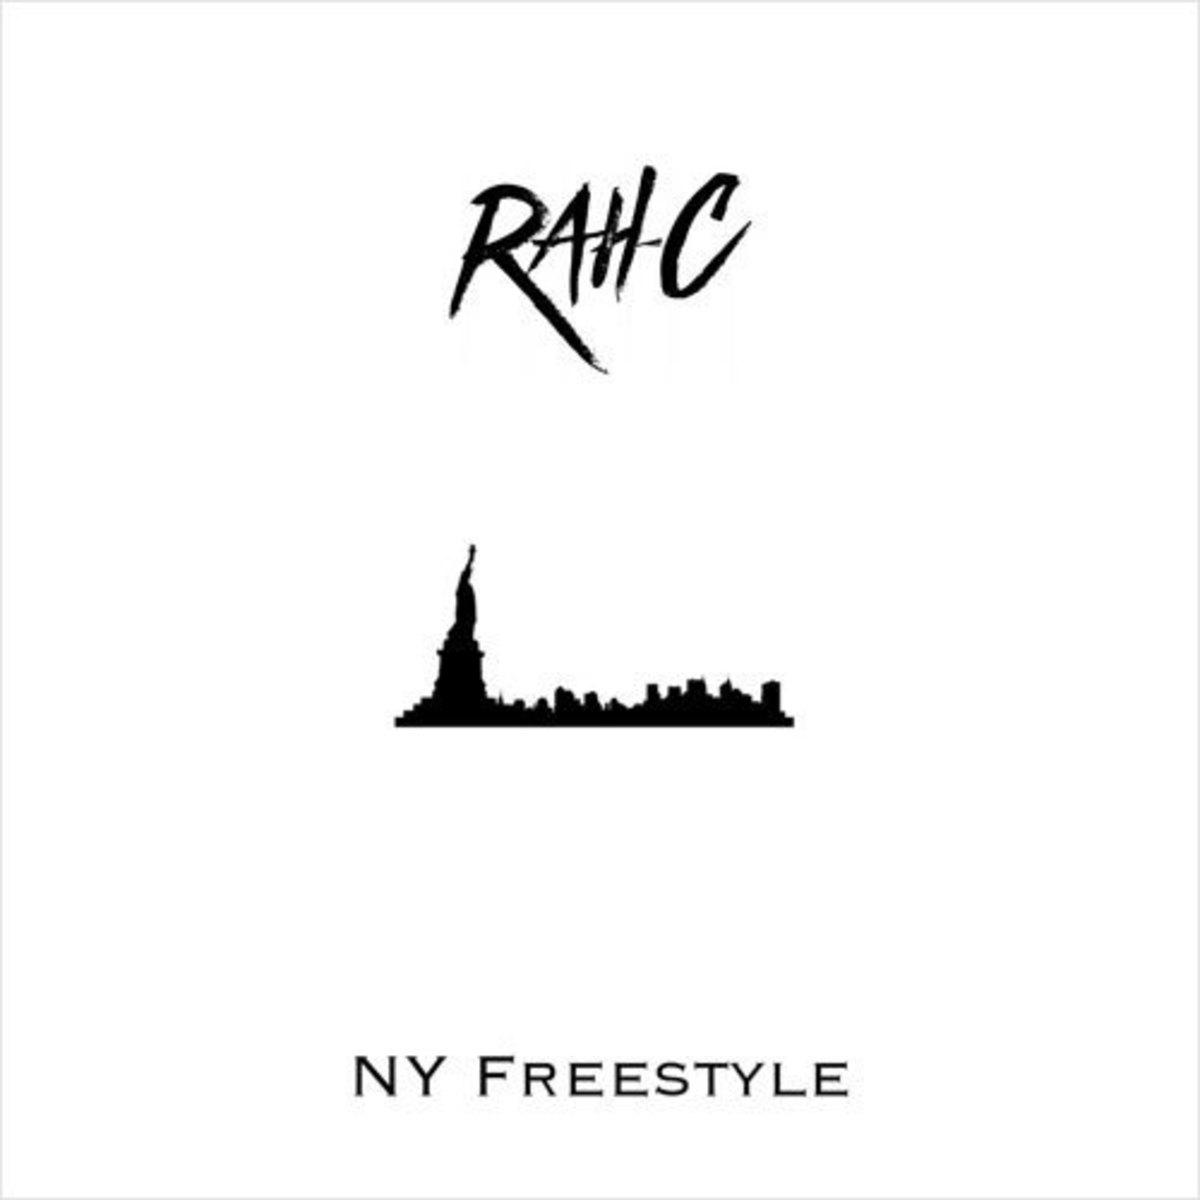 rah-c-ny-freestyle.jpg